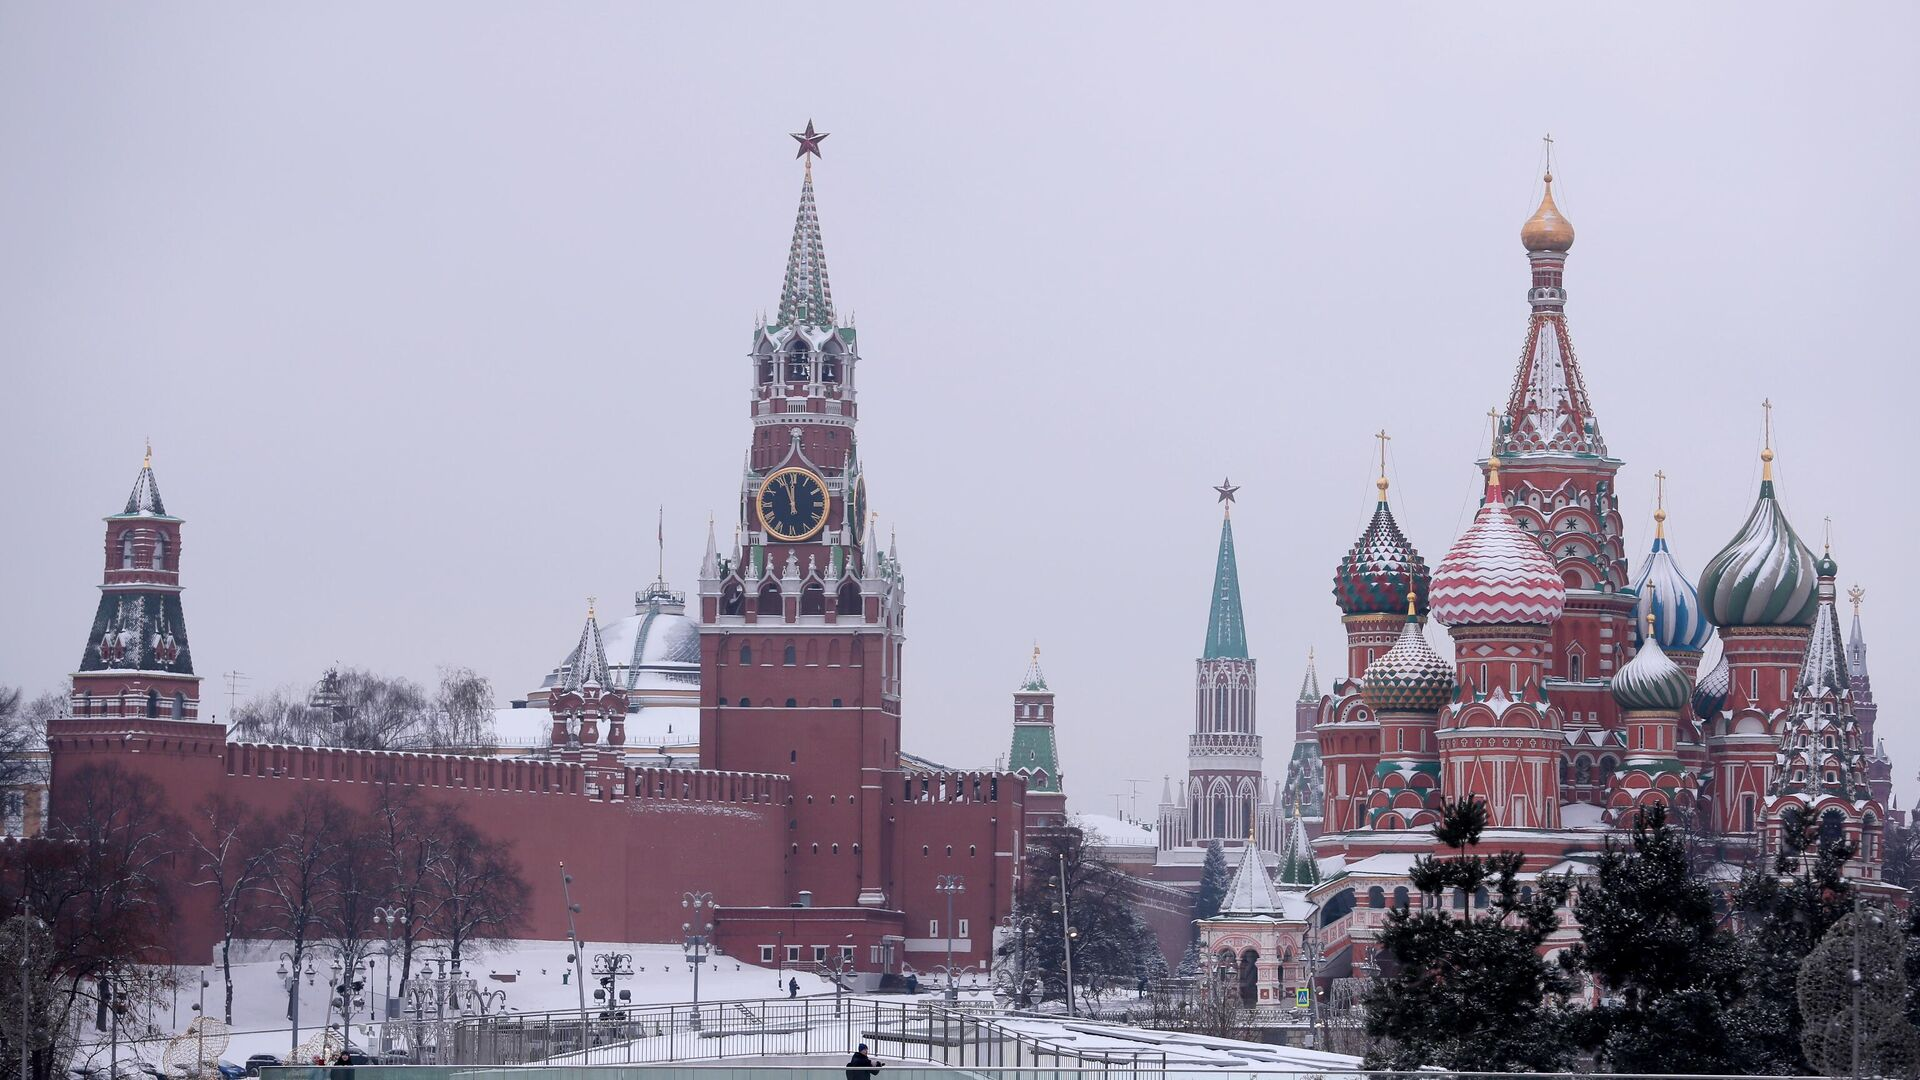 Вид из парка Зарядье на Покровский собор и Спасскую башню Московского Кремля - РИА Новости, 1920, 13.01.2021